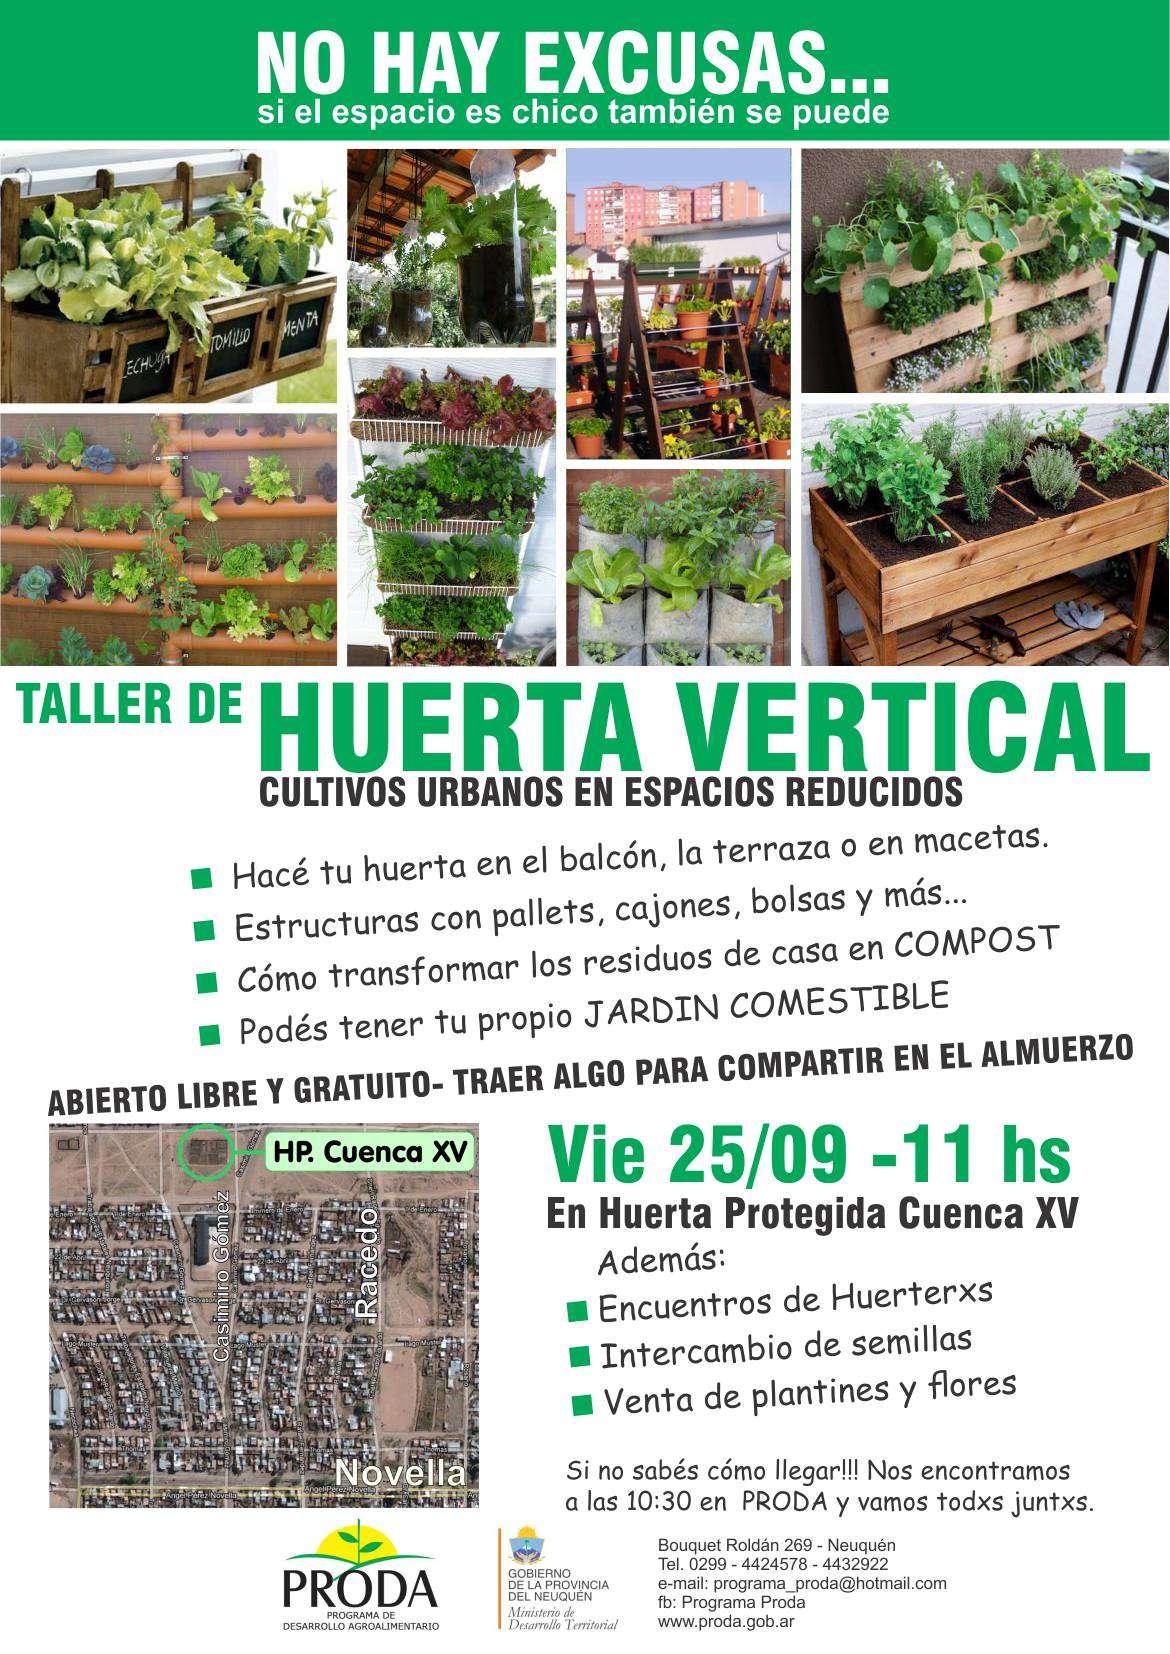 Promueven Cultivo De Hortalizas Y Aromáticas En Espacios